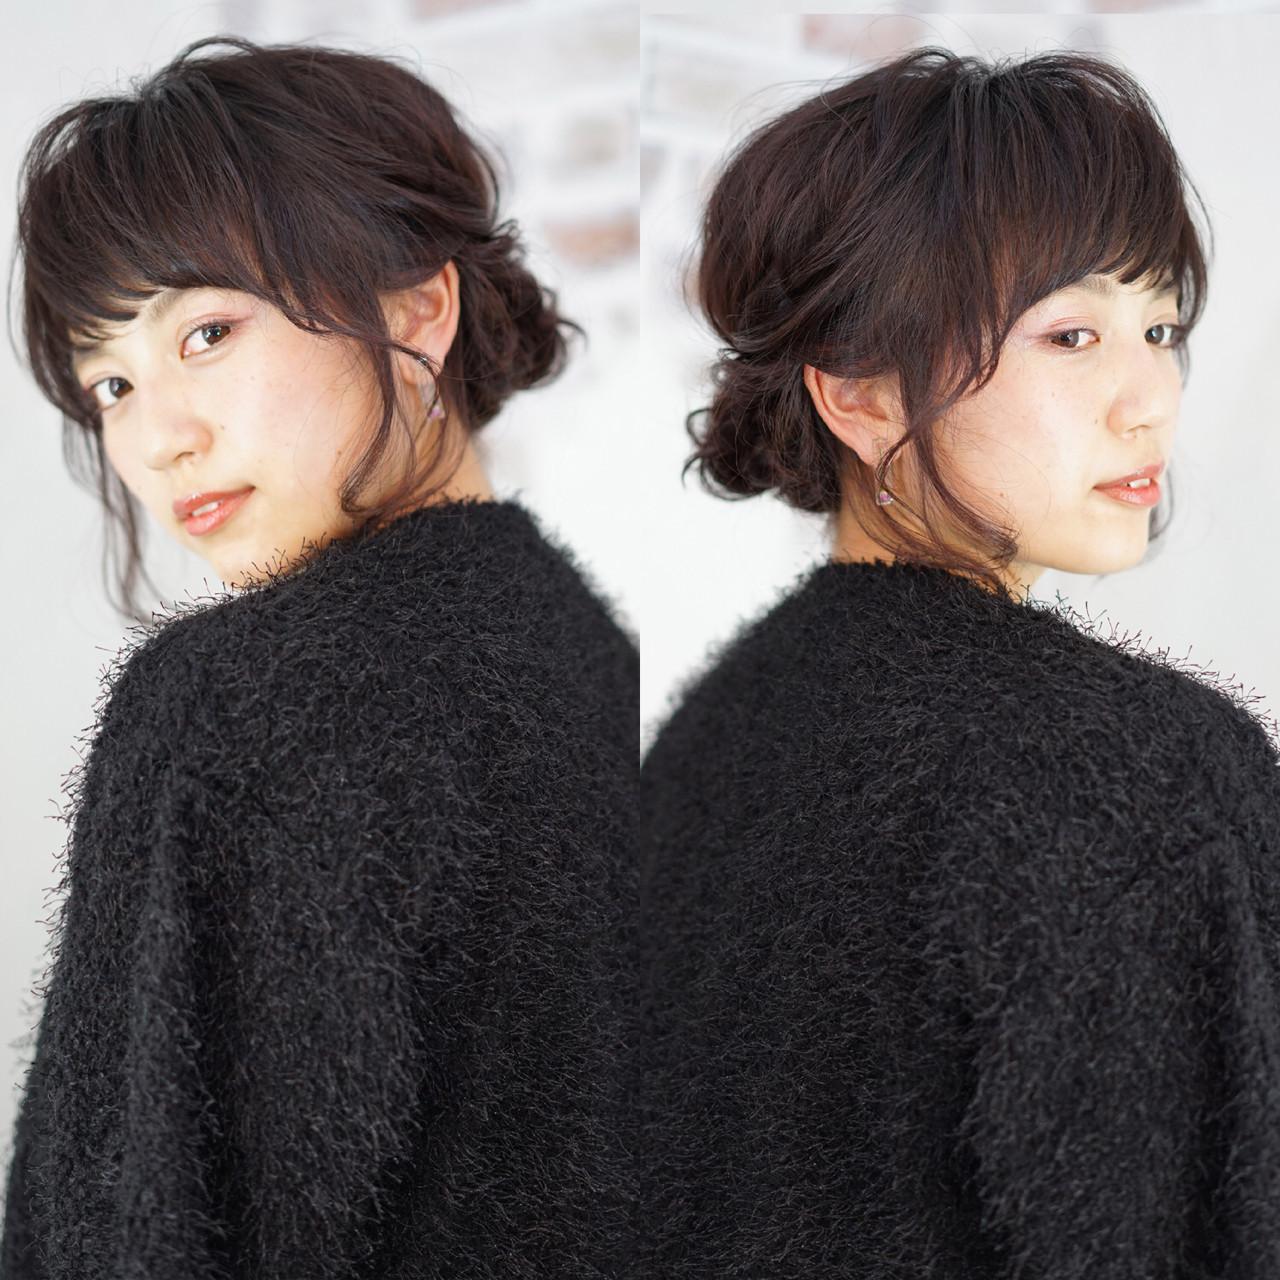 ミディアムさんにおすすめ♡「まとめ髪」簡単ヘアアレンジカタログの14枚目の画像